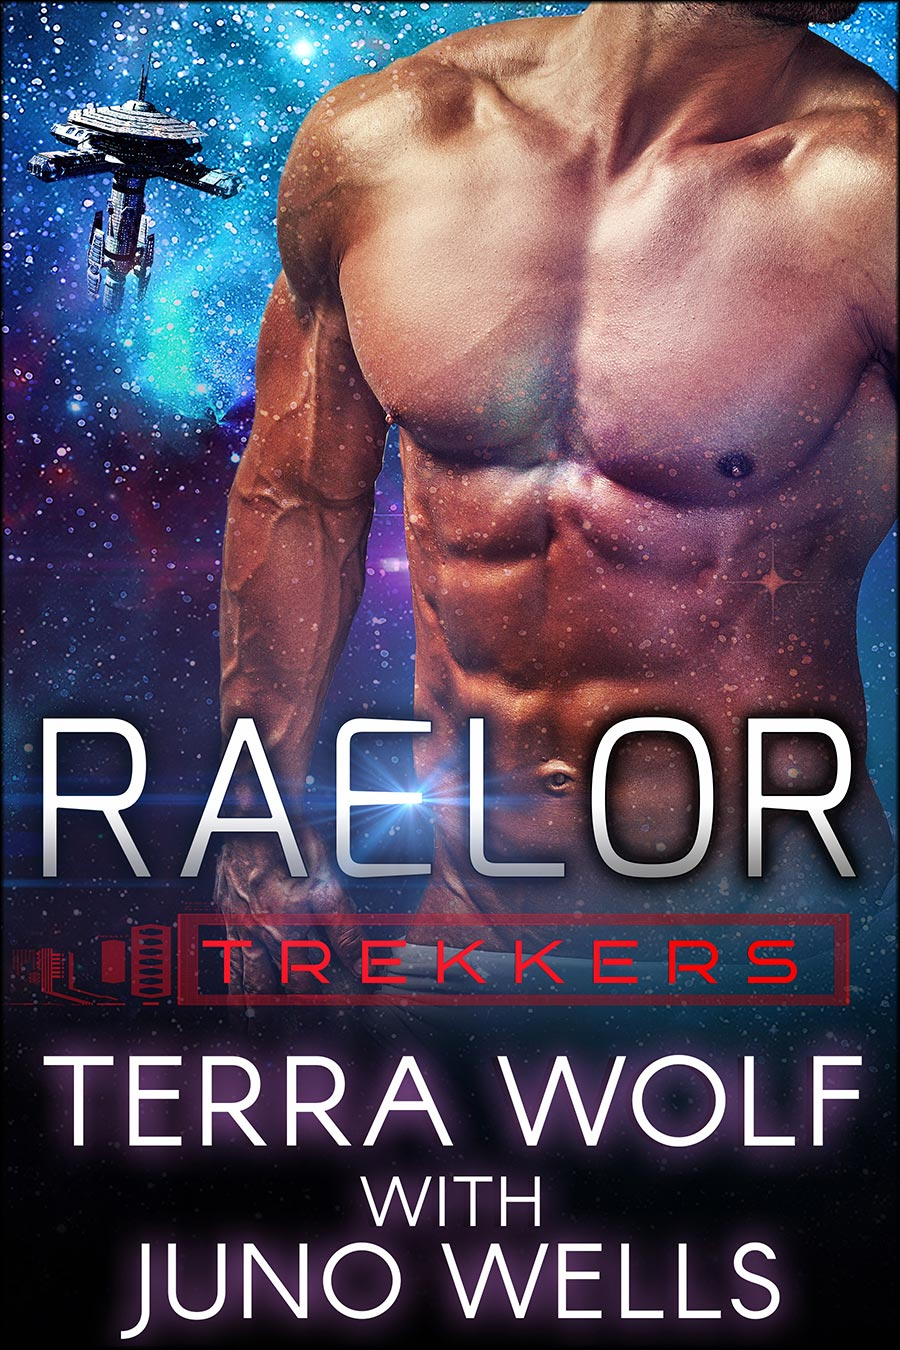 Raelor---Trekkers-cover---Terra-Wolf-and-Juno-Wells.jpg